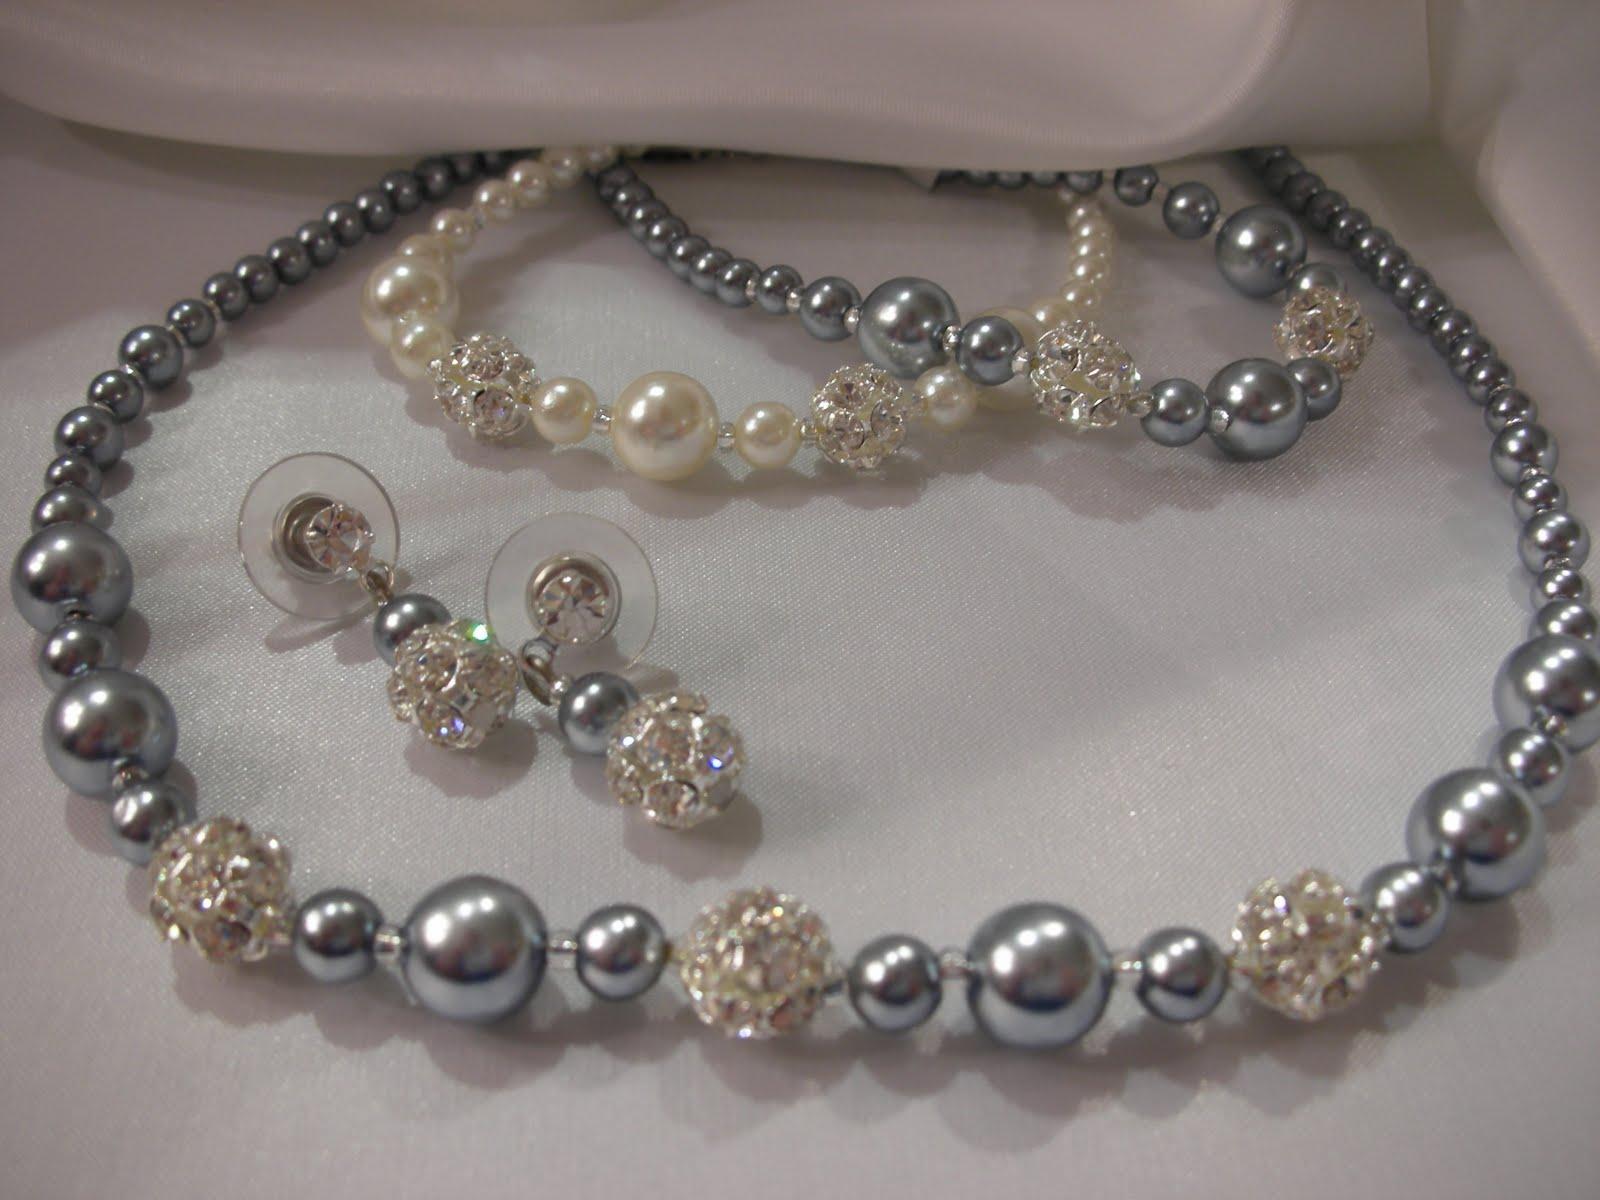 Bridesmaid earrings and bracelet sets uk espa?a